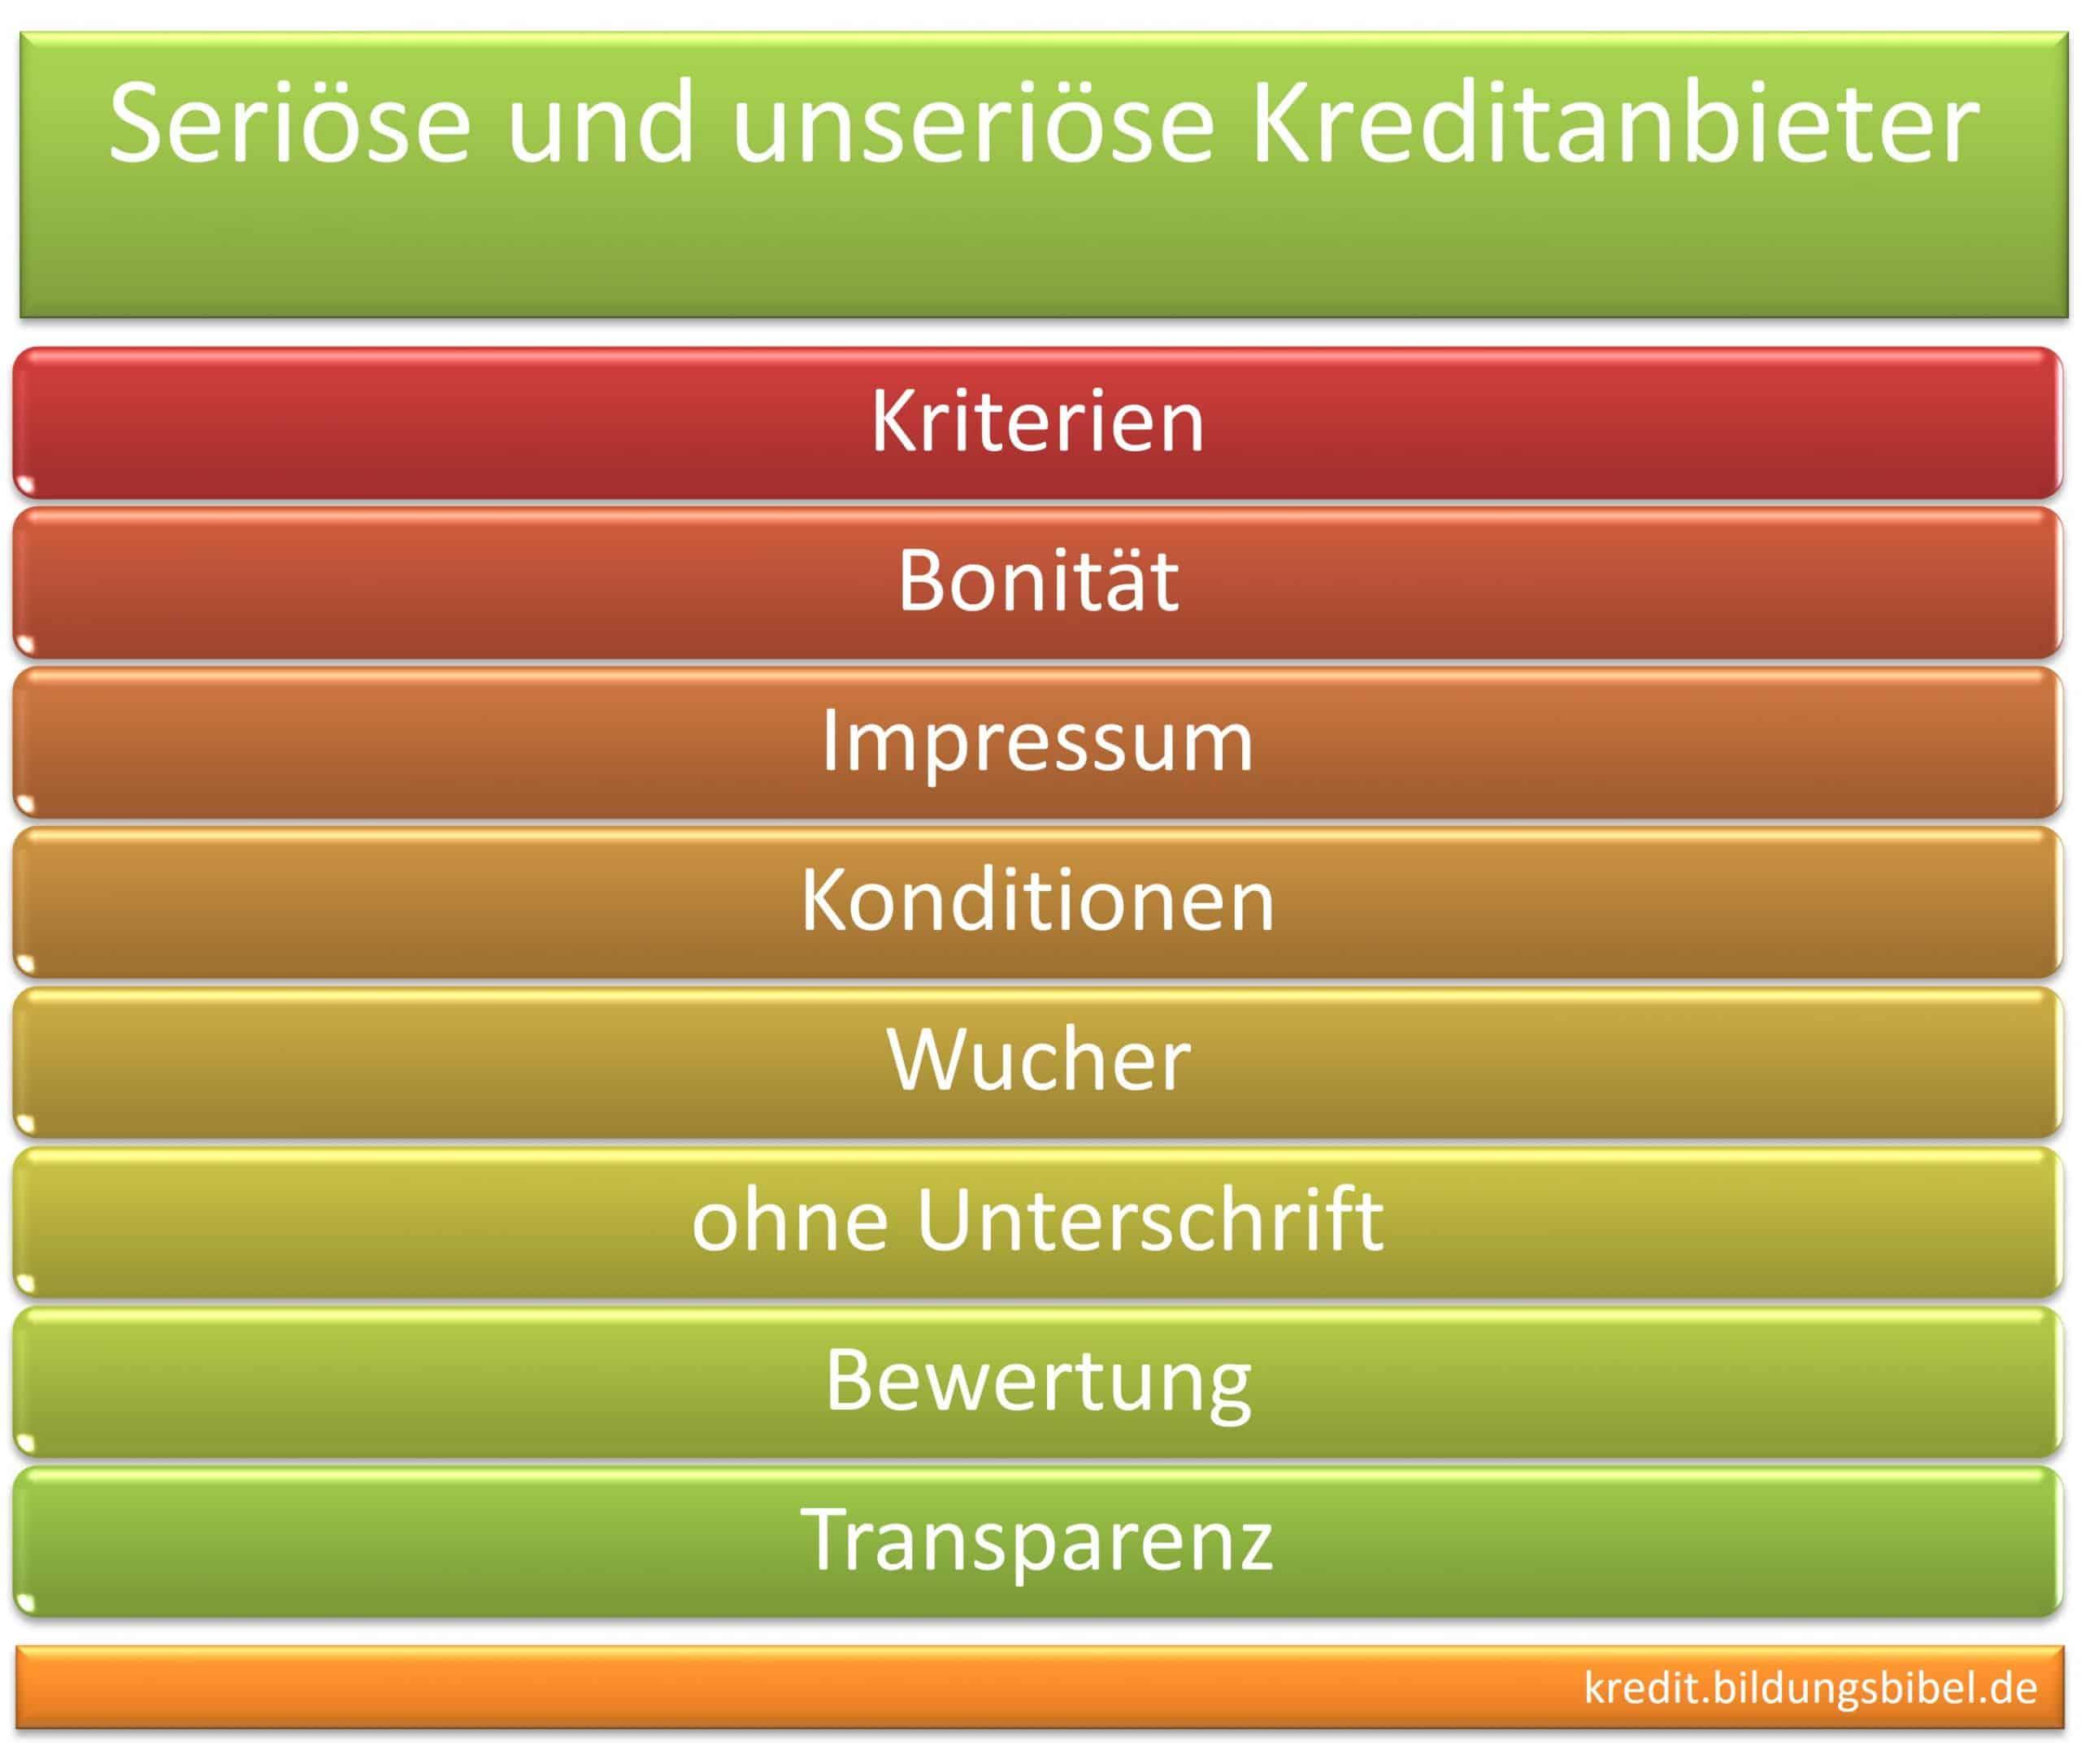 Unseriöse und seriöse Kreditanbieter erkennen. Kriterien: Bonität, Impressum, Konditionen, Wucher, ohne Unterschrift, Bewertung, Transparenz.